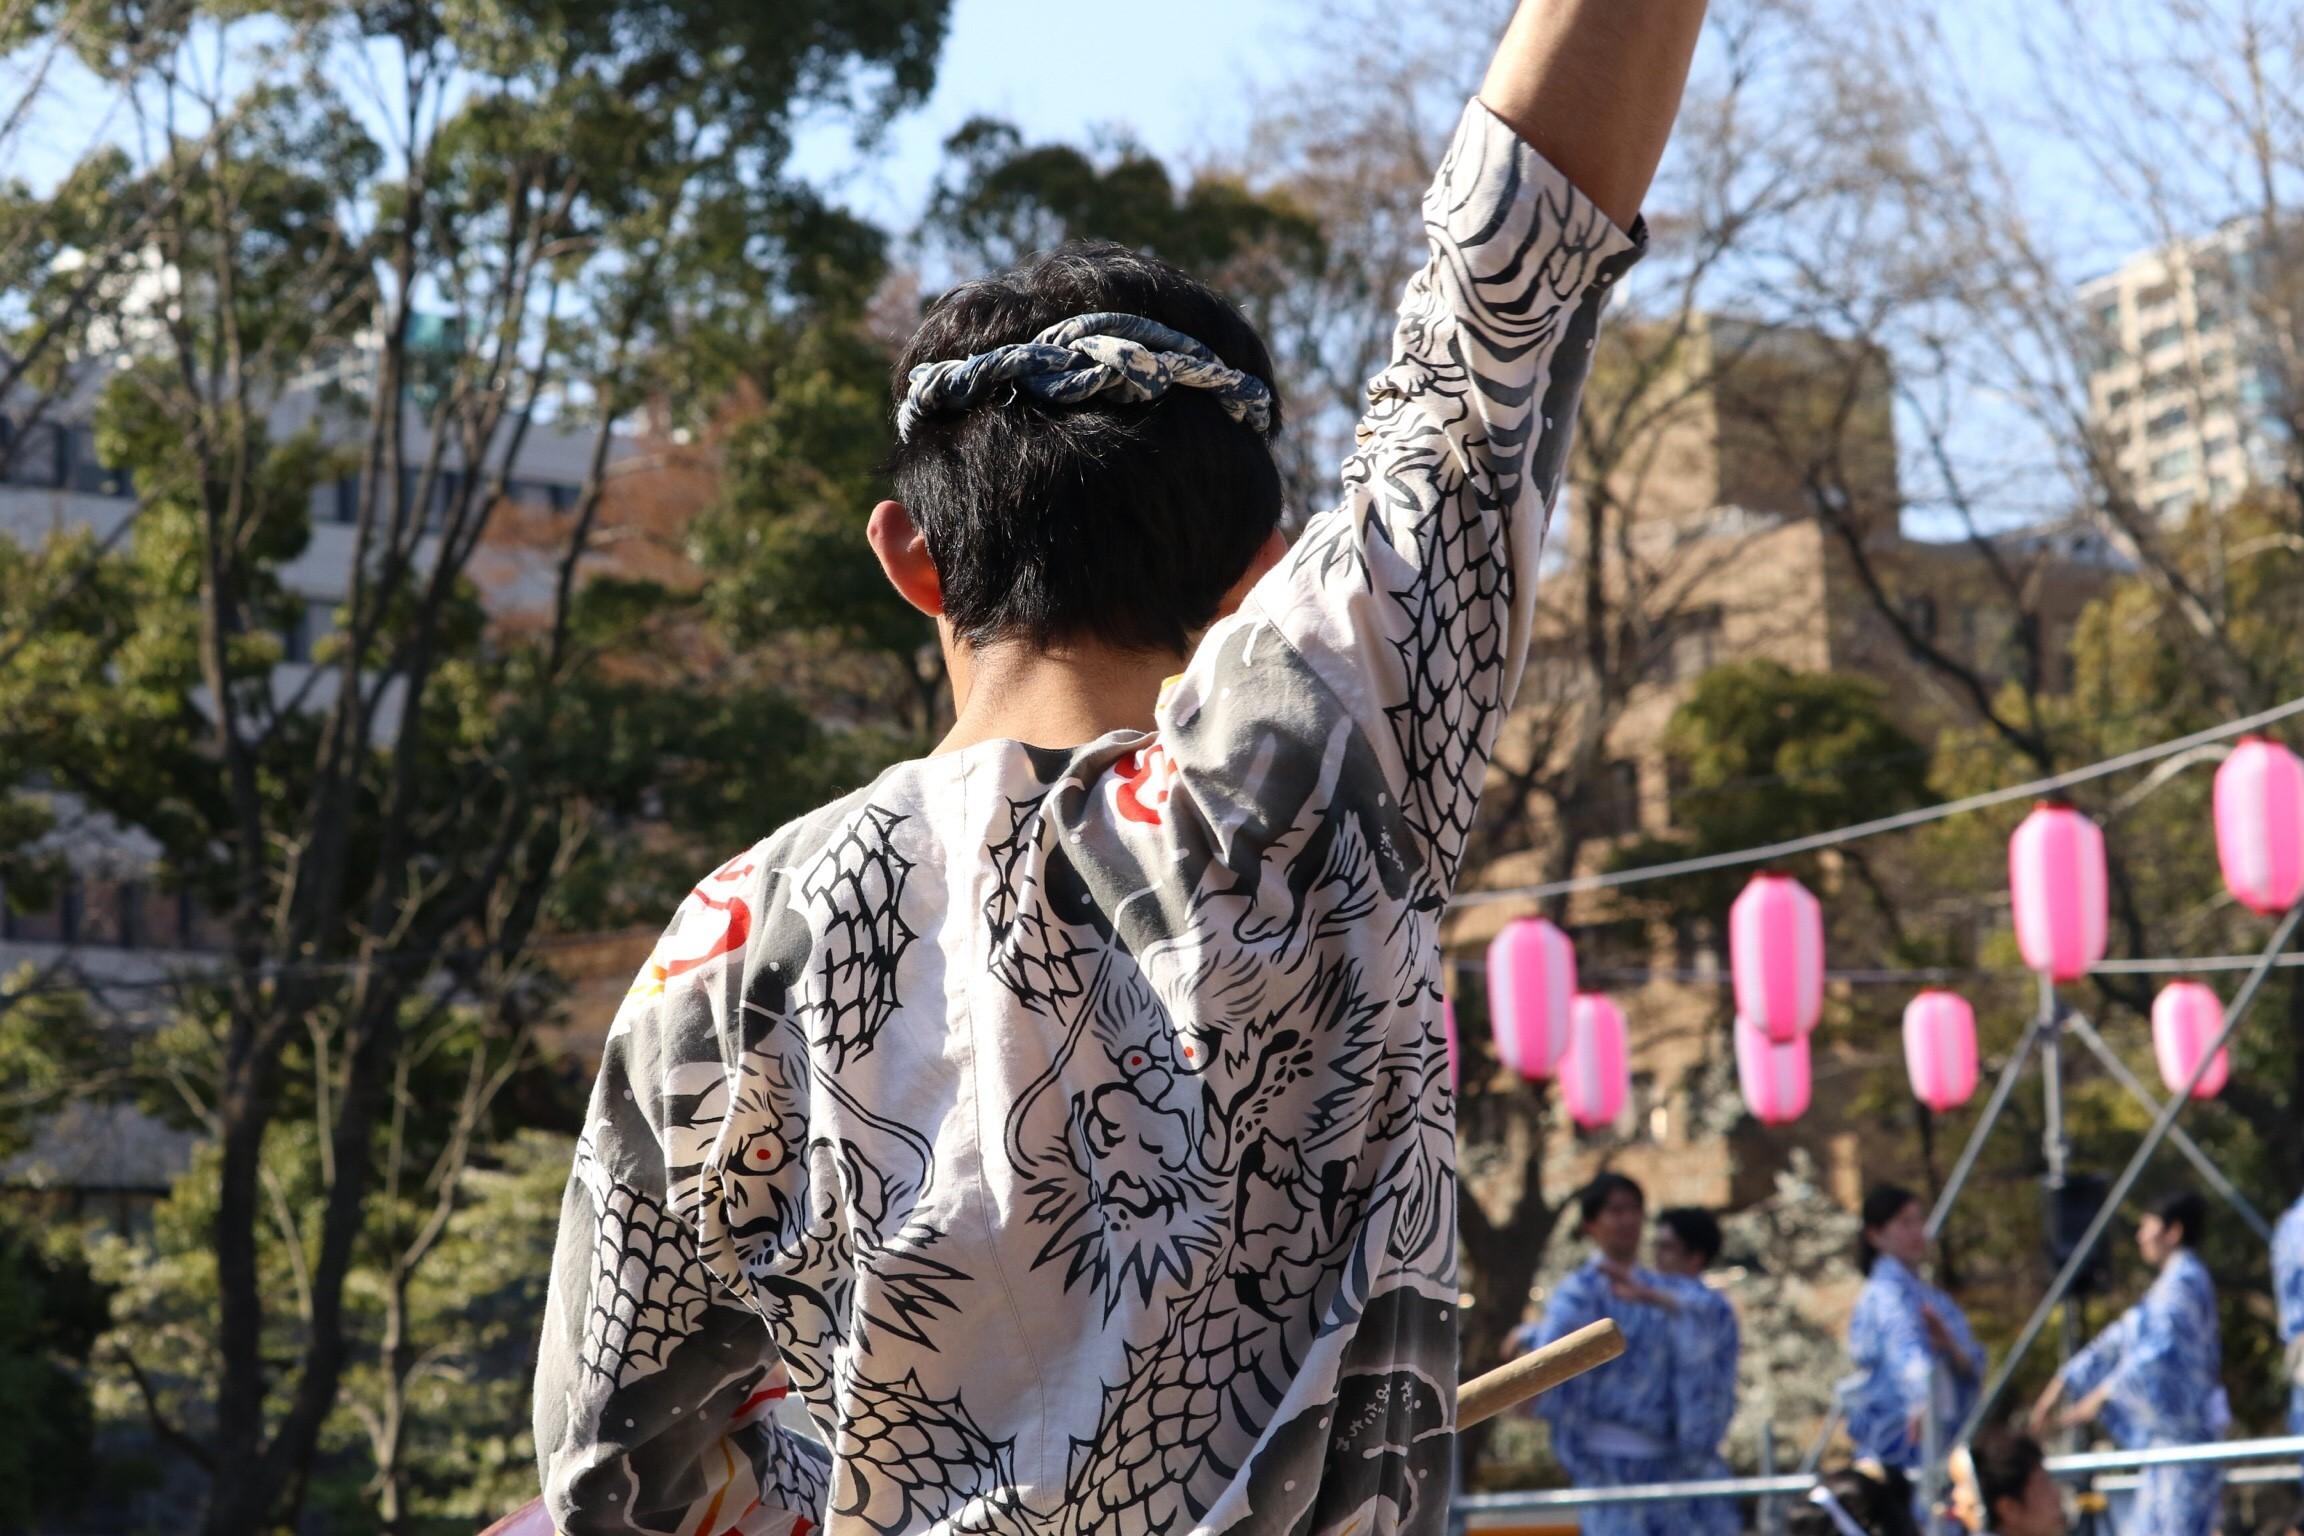 2018/03/25 芝公園盆踊り大会_180325_0104